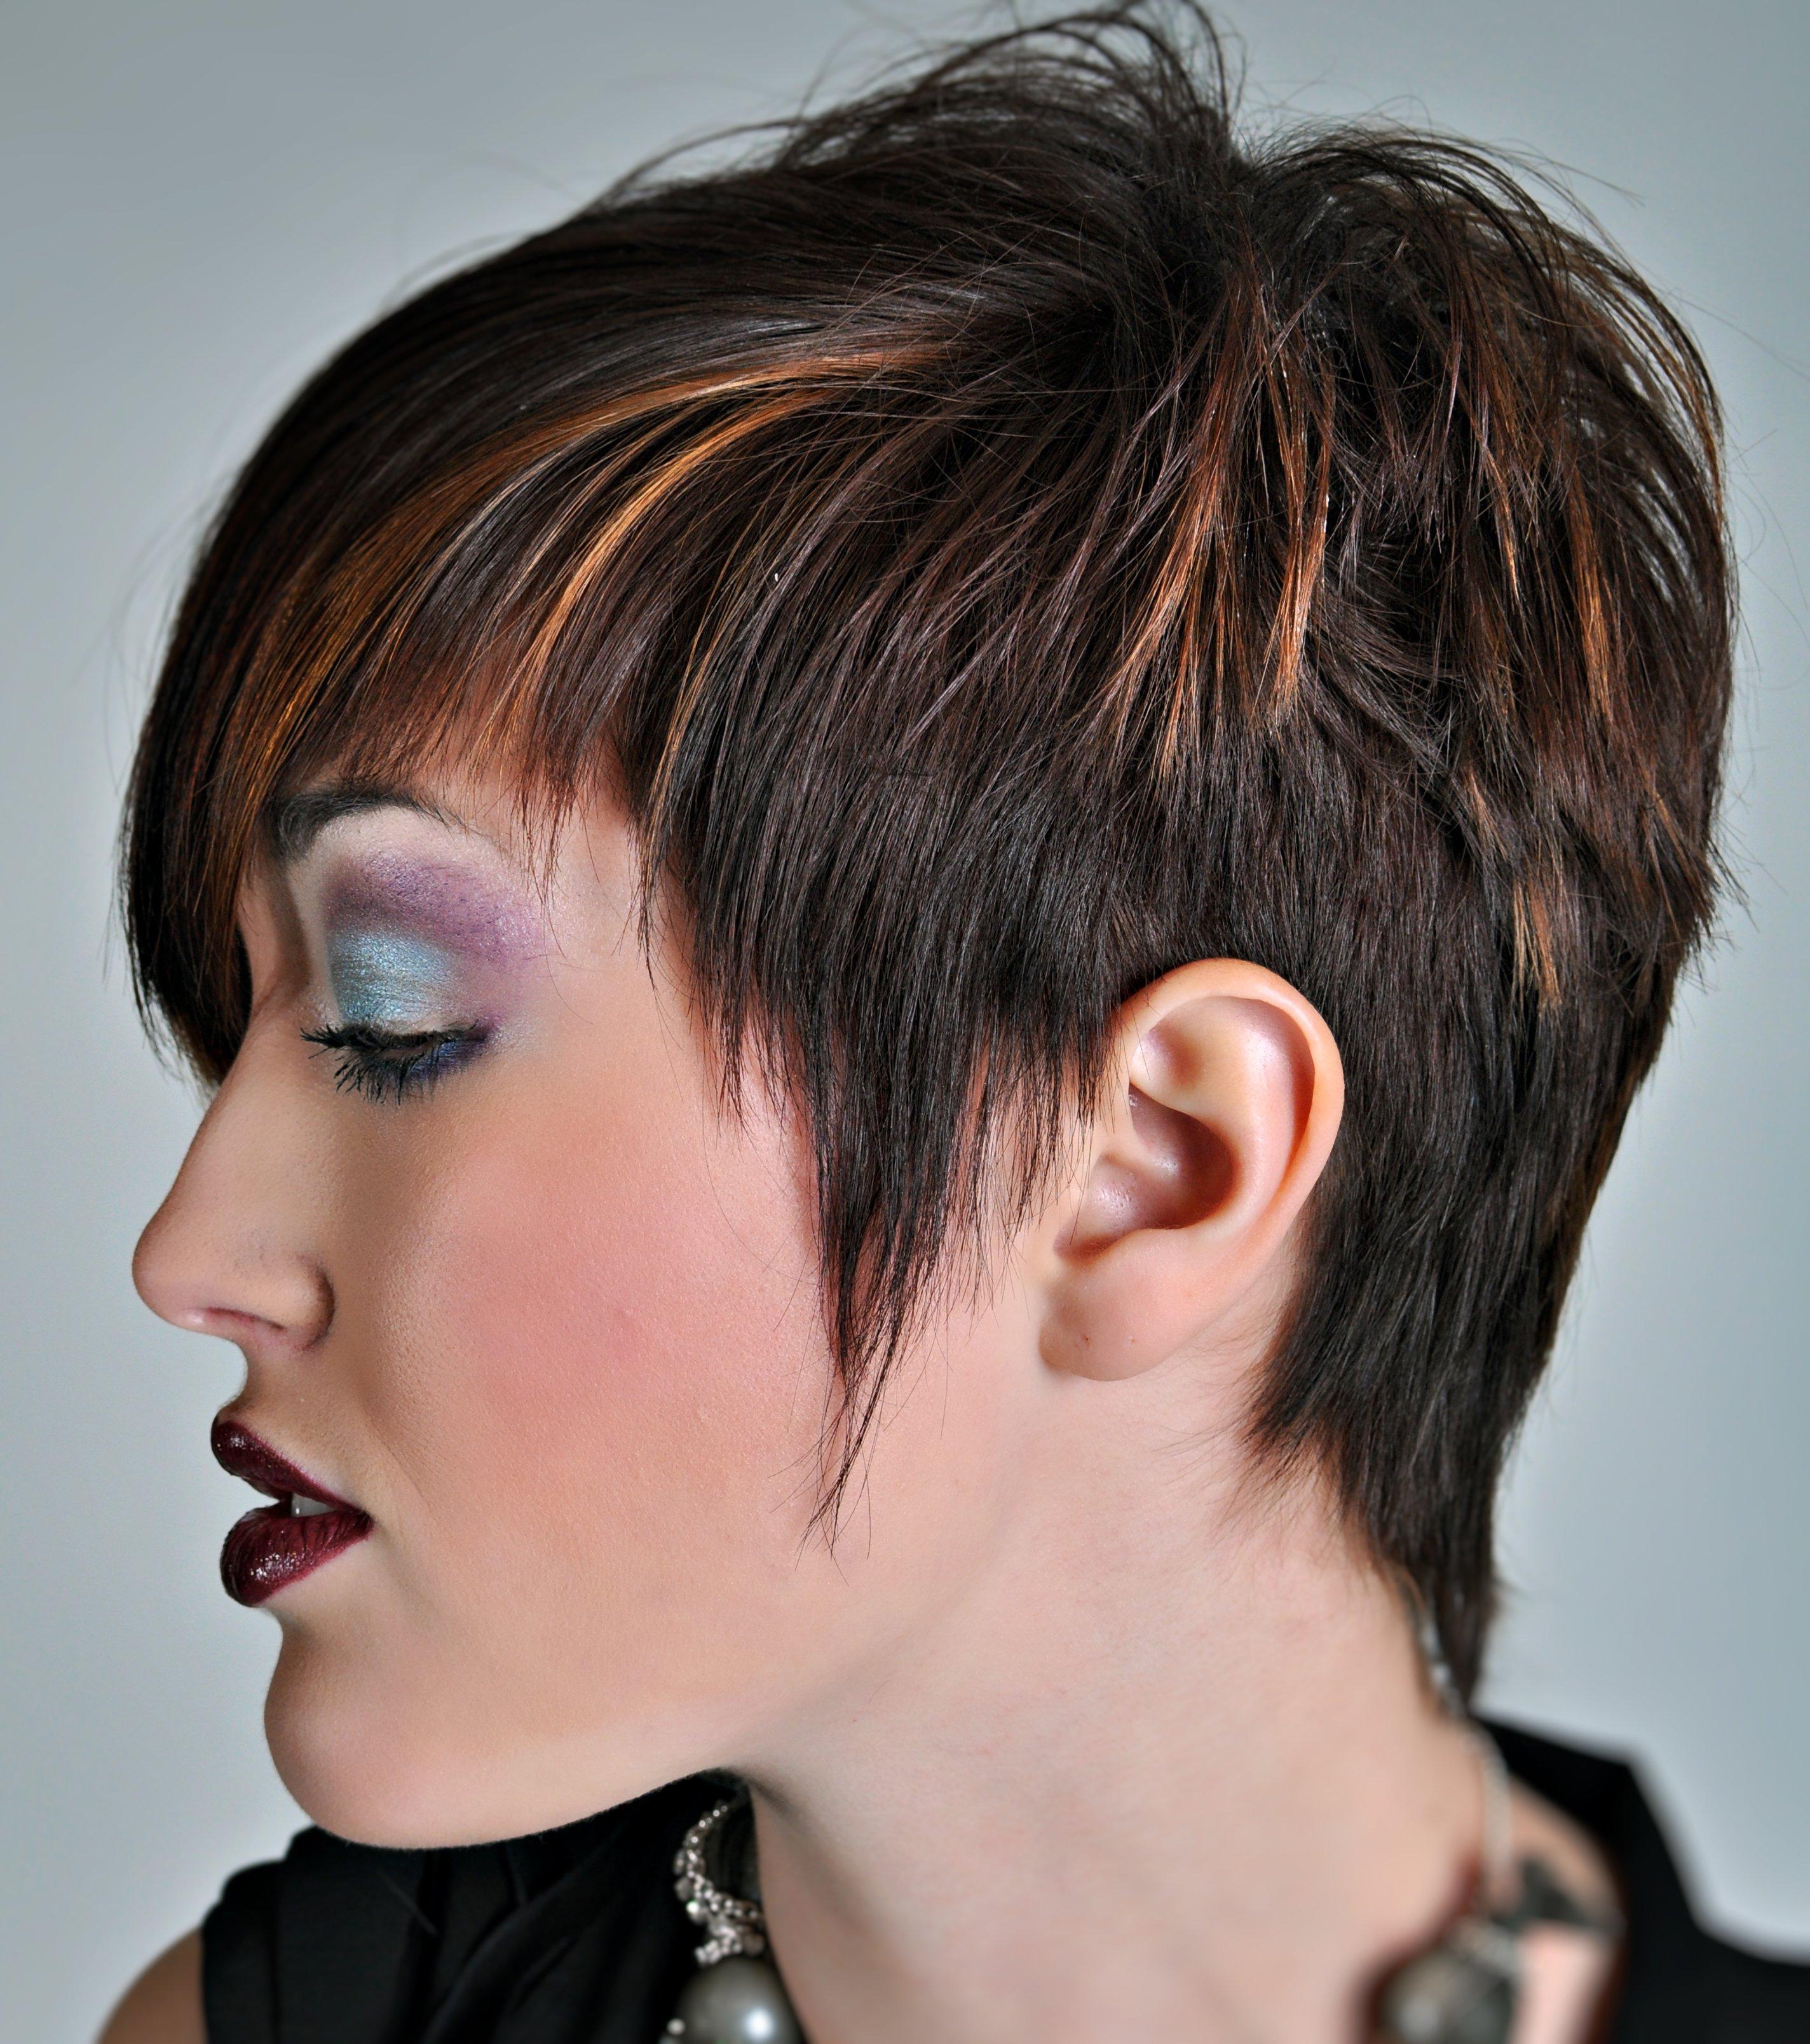 Short Haircuts You Might Love To Get At Ashka Ashka Salon